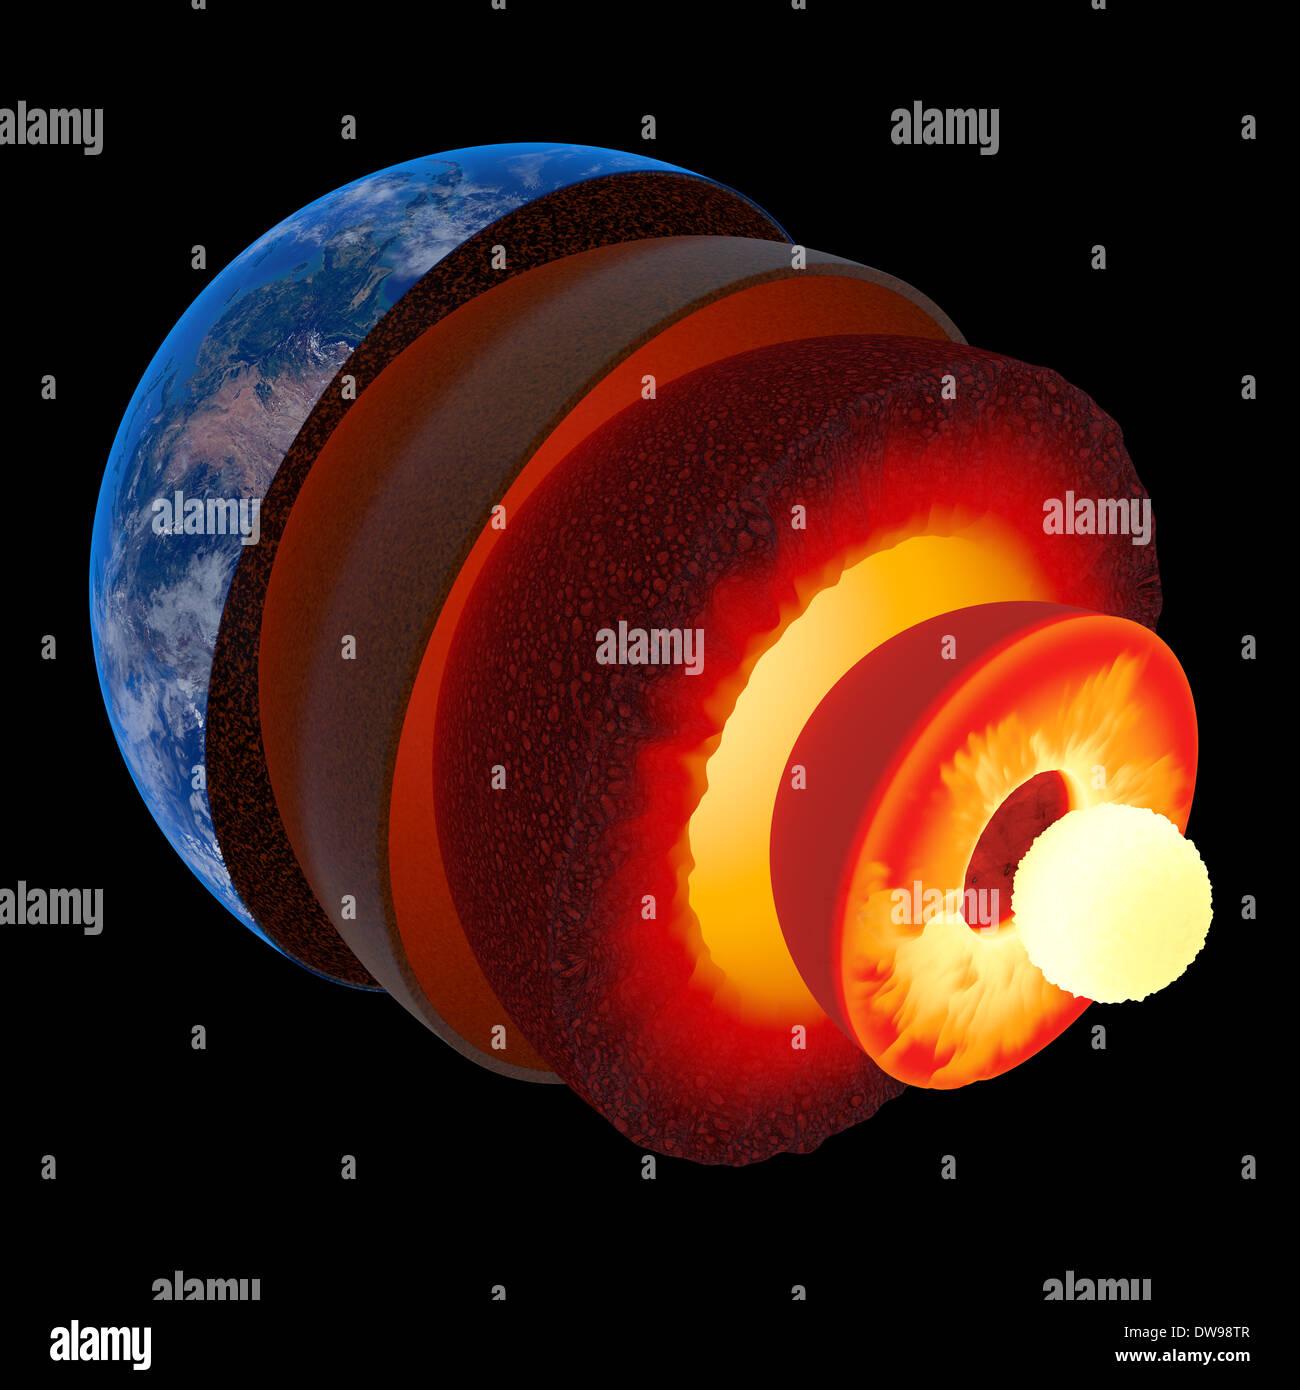 La structure de base de la terre illustré avec des couches géologiques en fonction de l'échelle - isolé sur des textures (noir) de la NASA Photo Stock